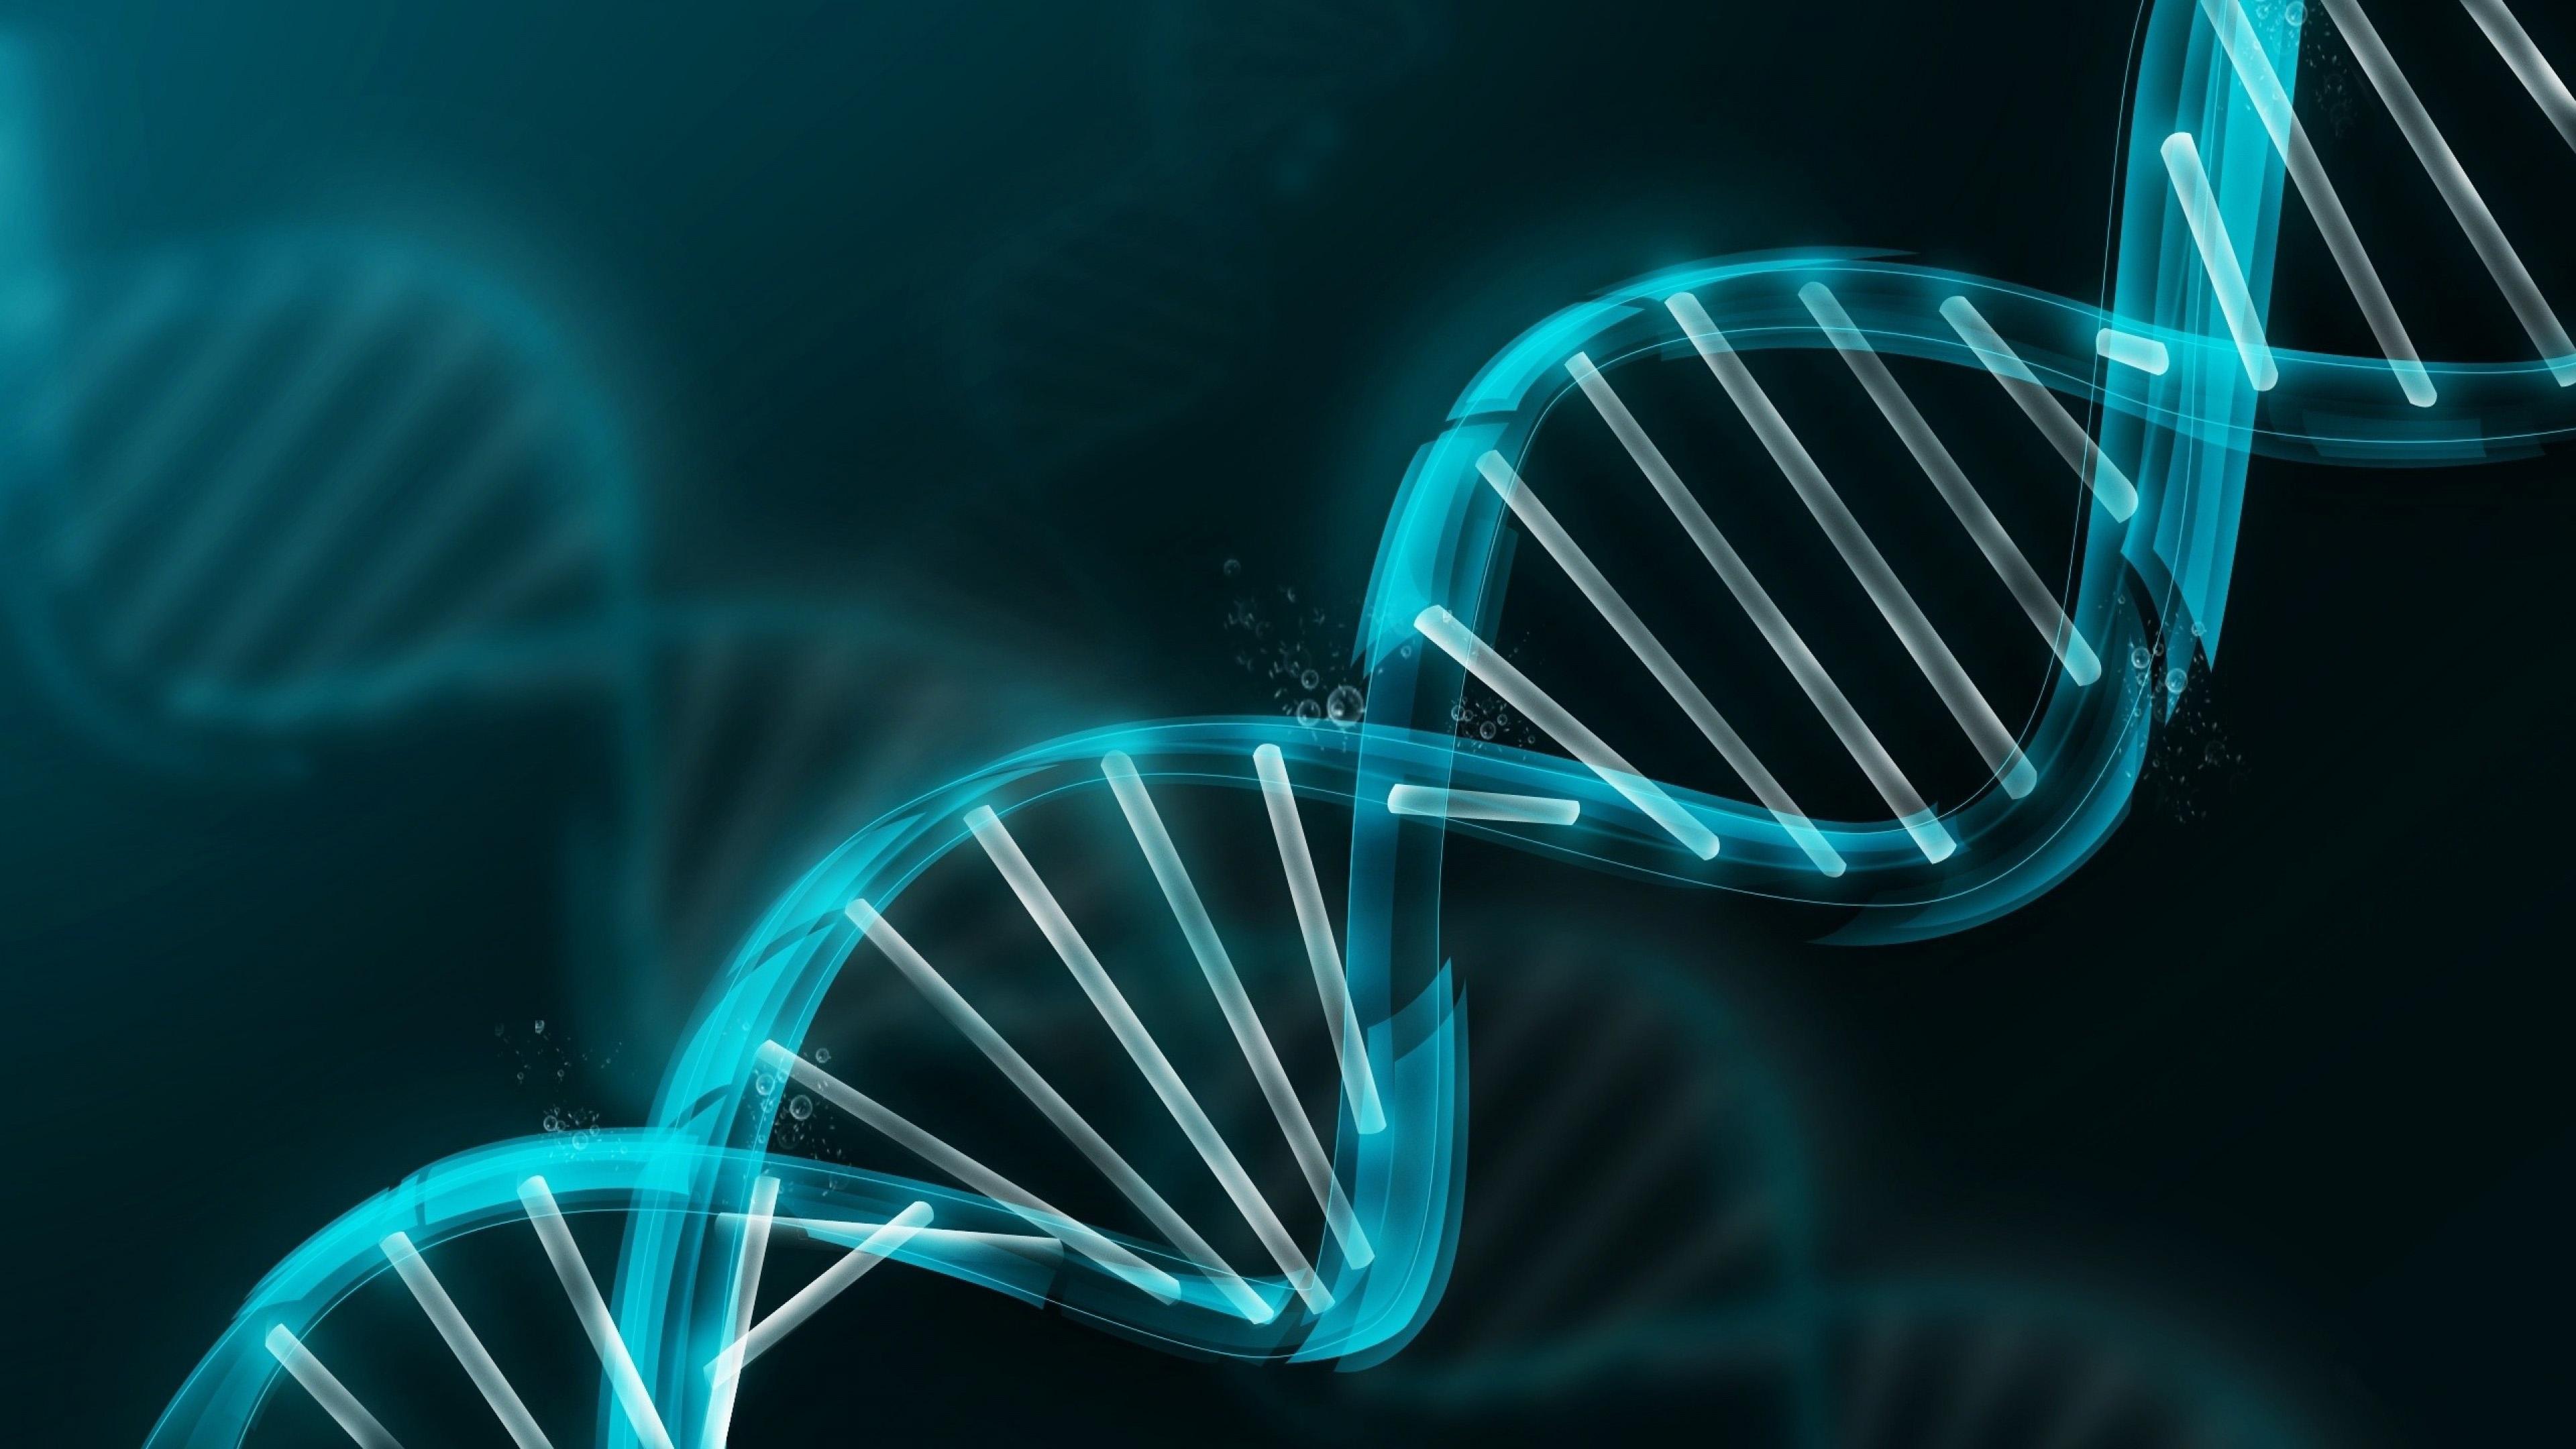 ДНК, свободные радикалы, здоровье